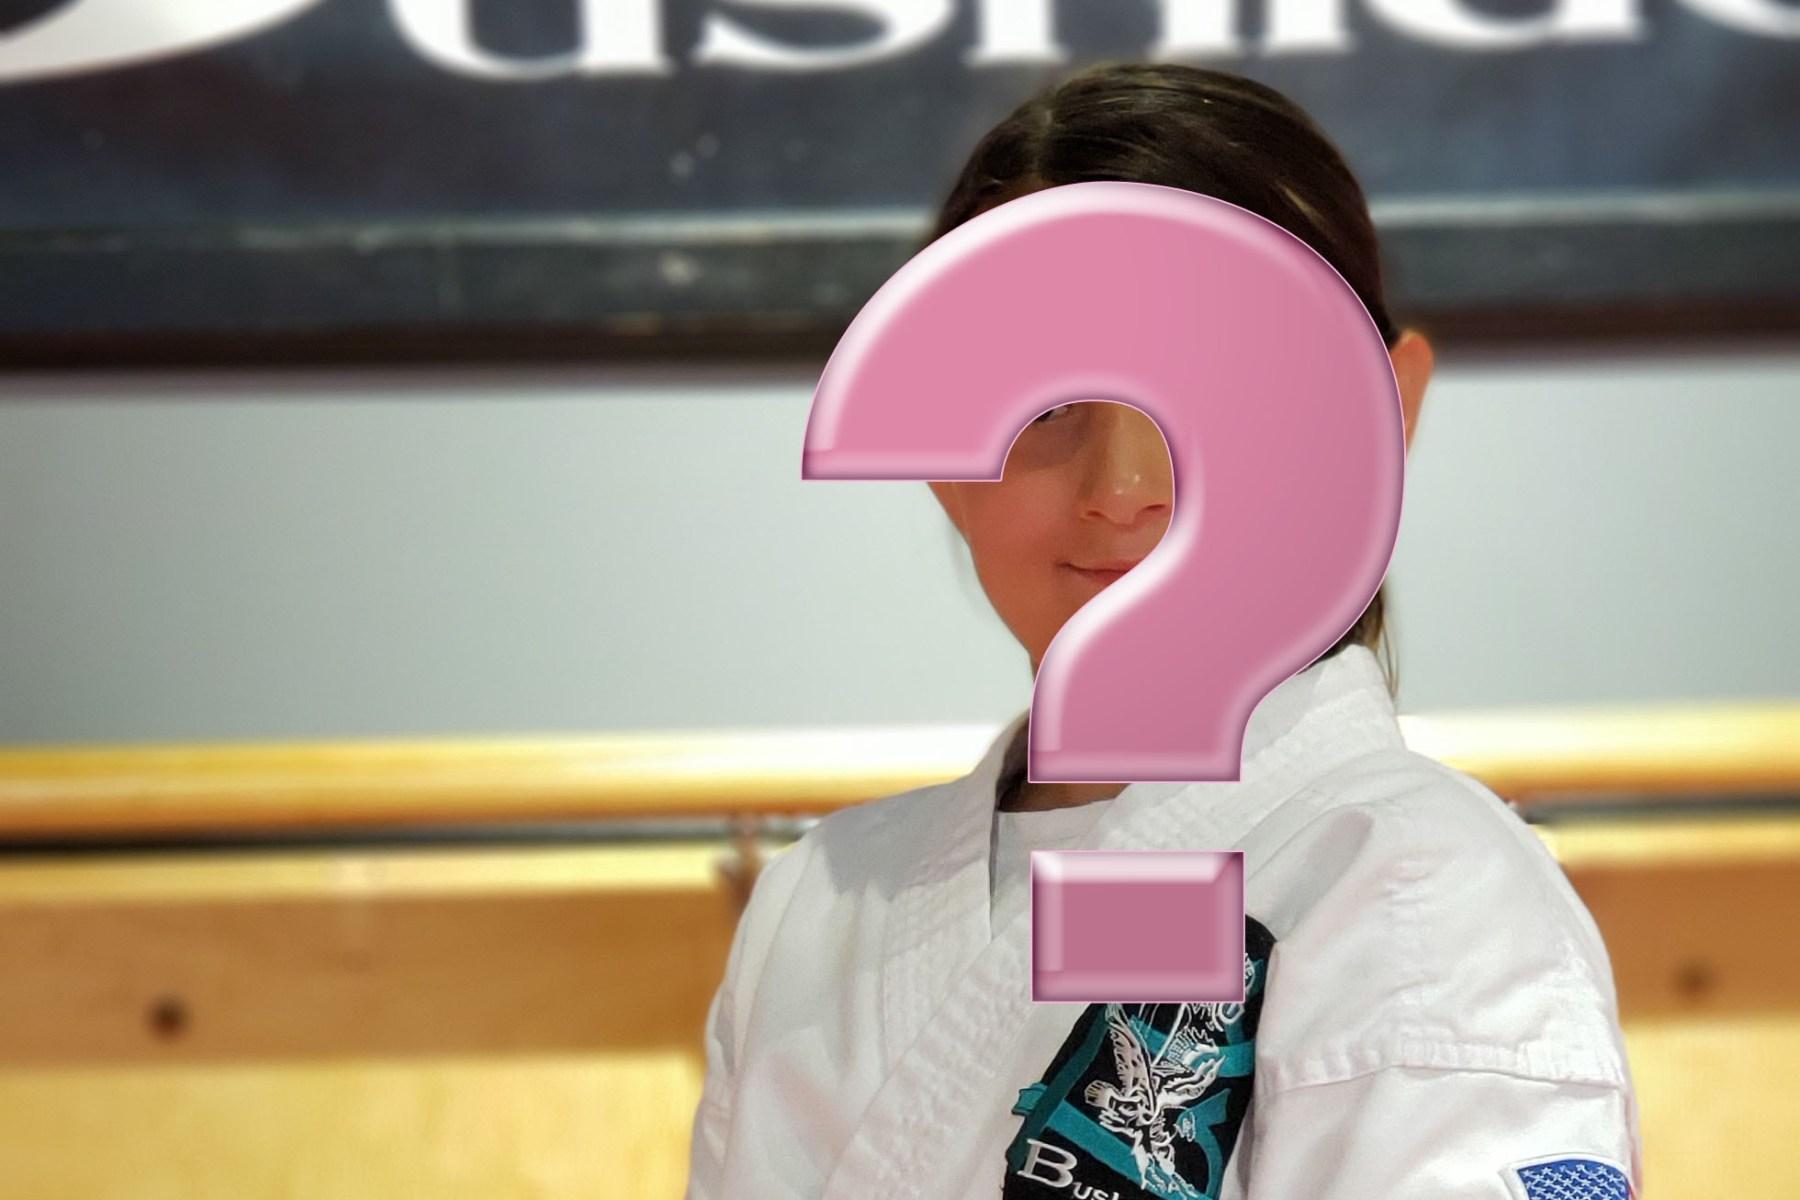 karate girl hidden by question mark